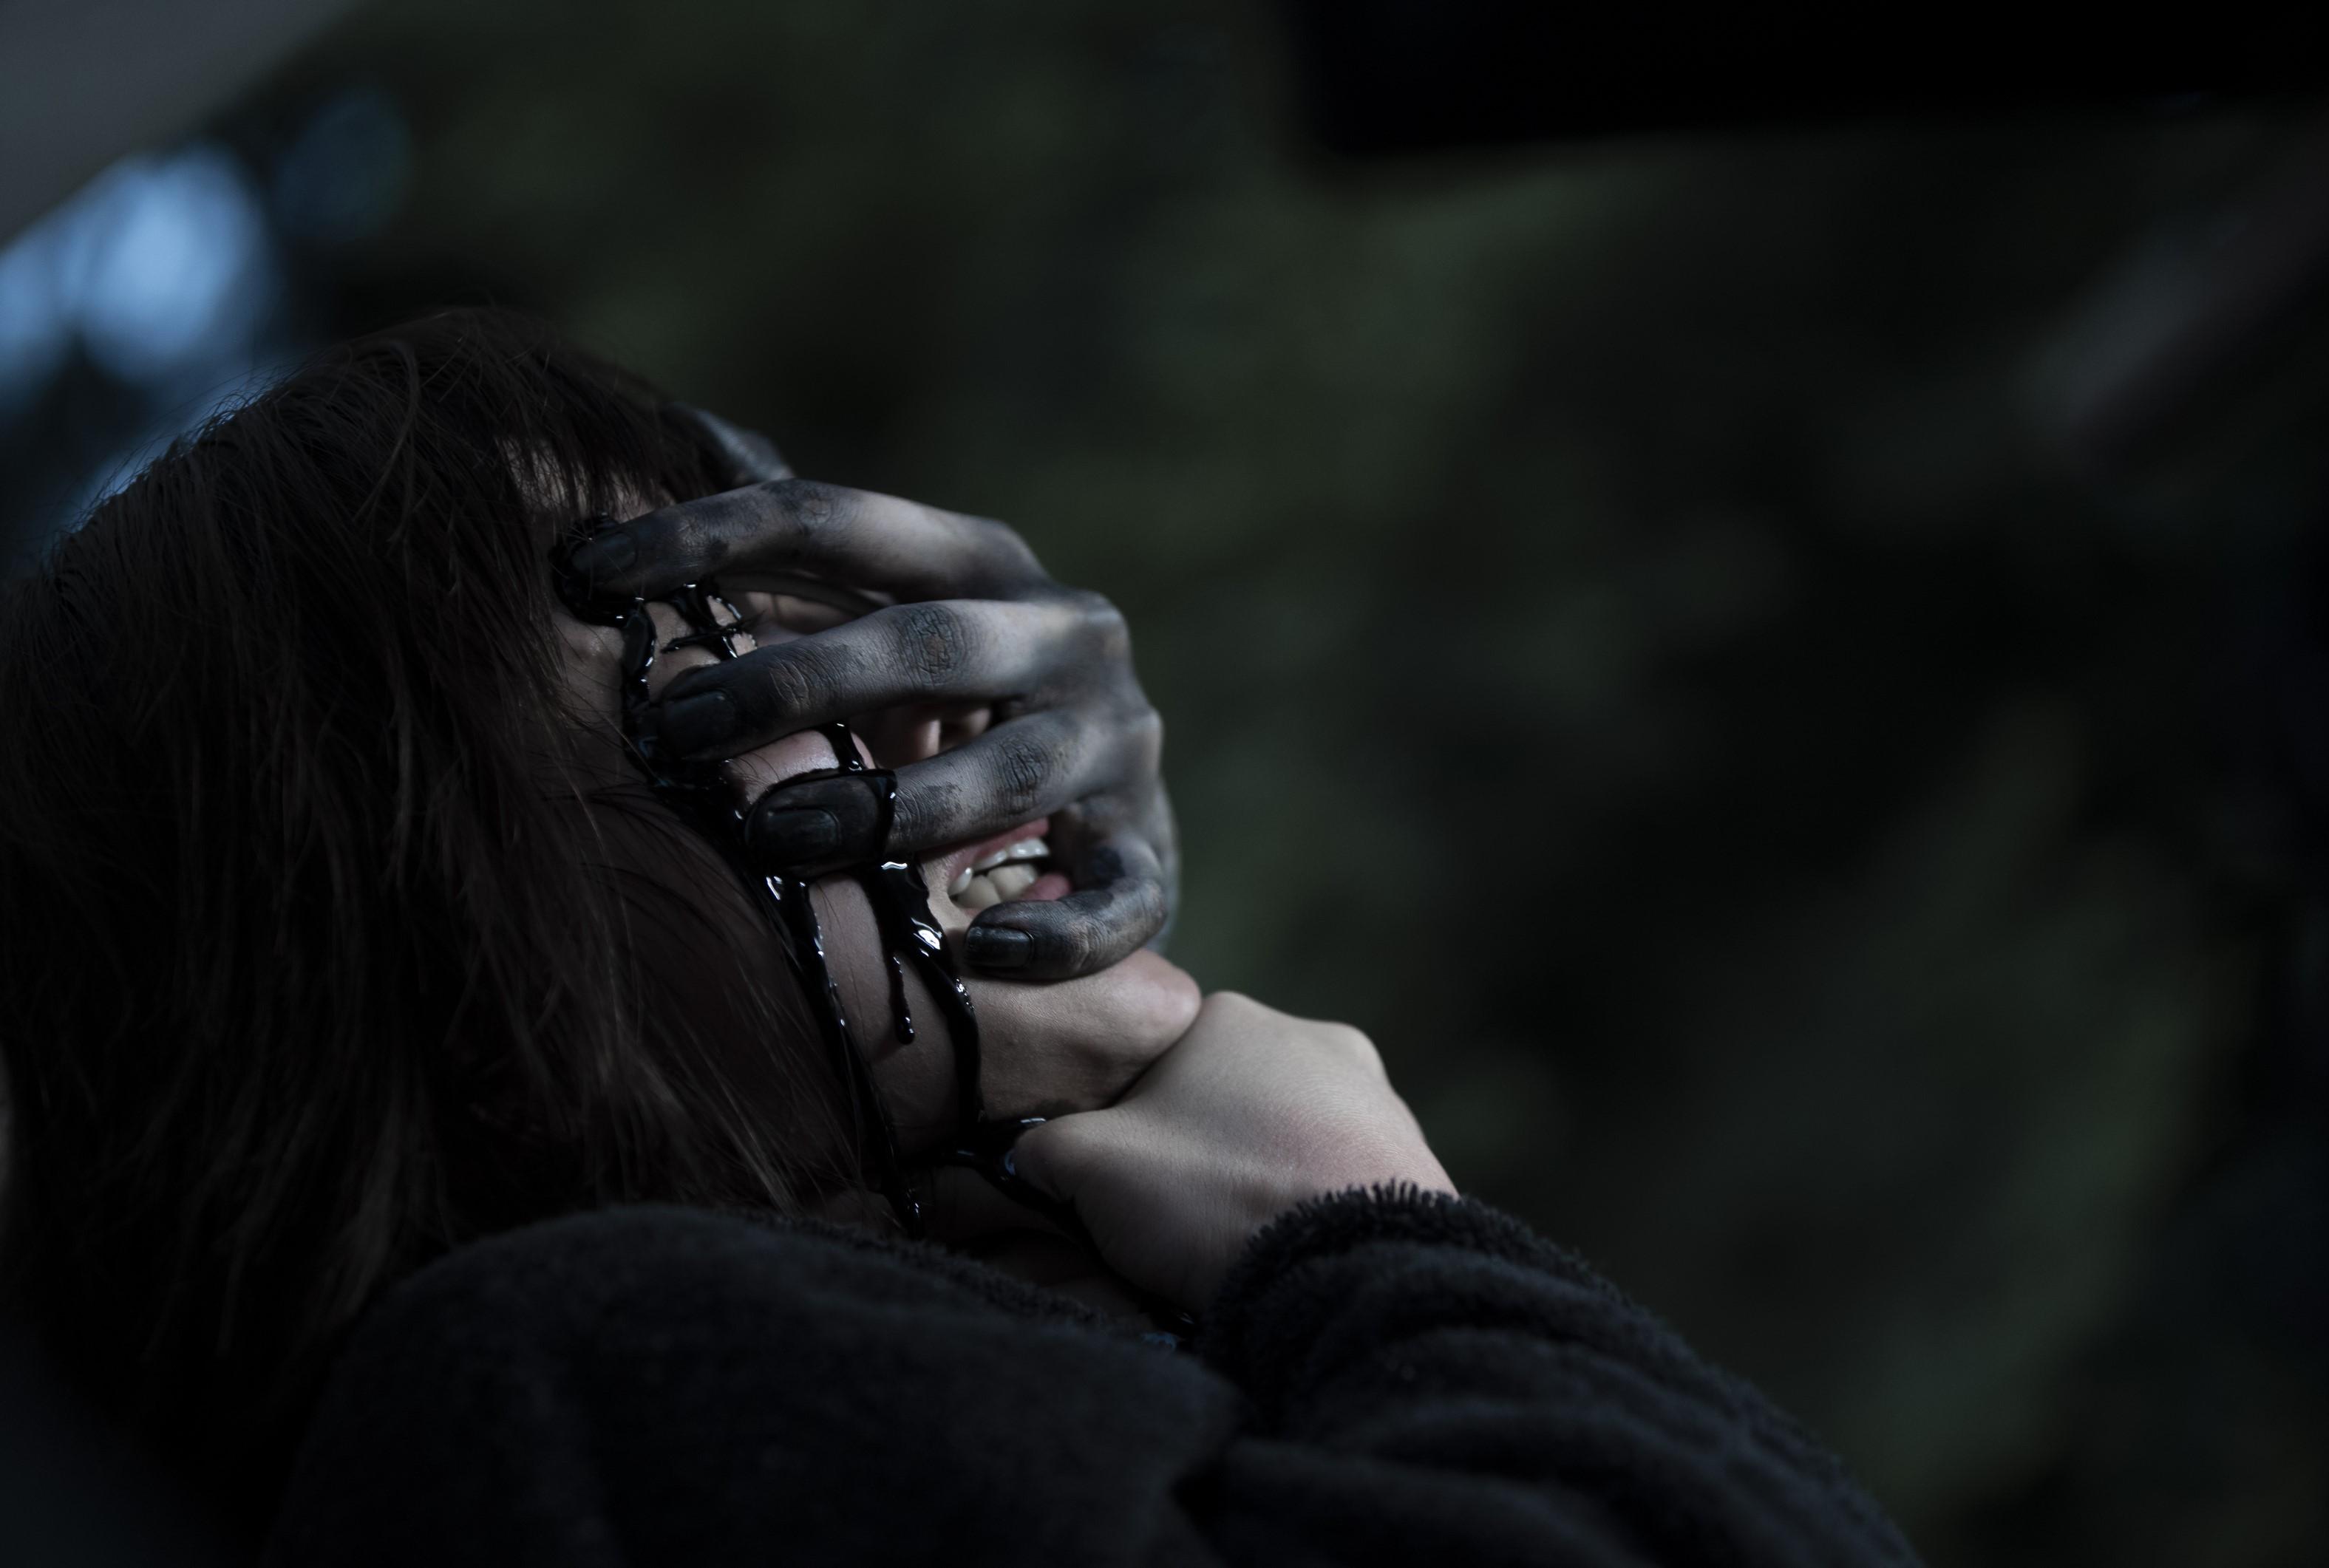 《女鬼橋》登全台票房冠軍 首週票房2300萬 觀眾狂喊要二刷解謎